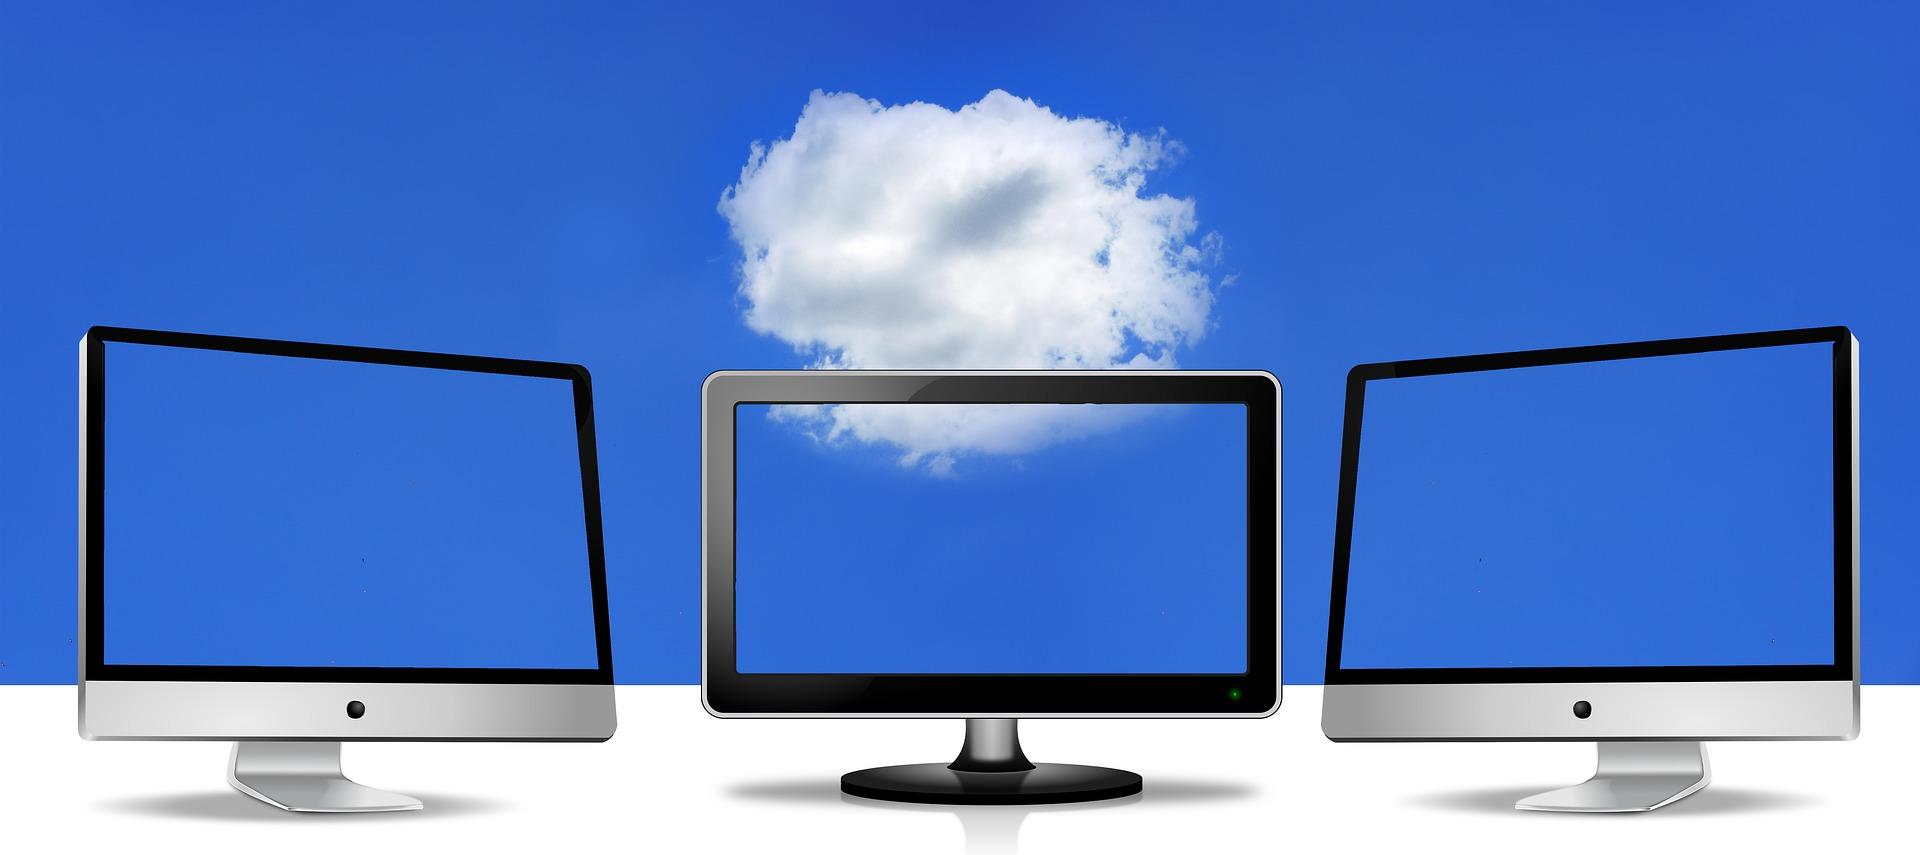 cloud-2570253_1920